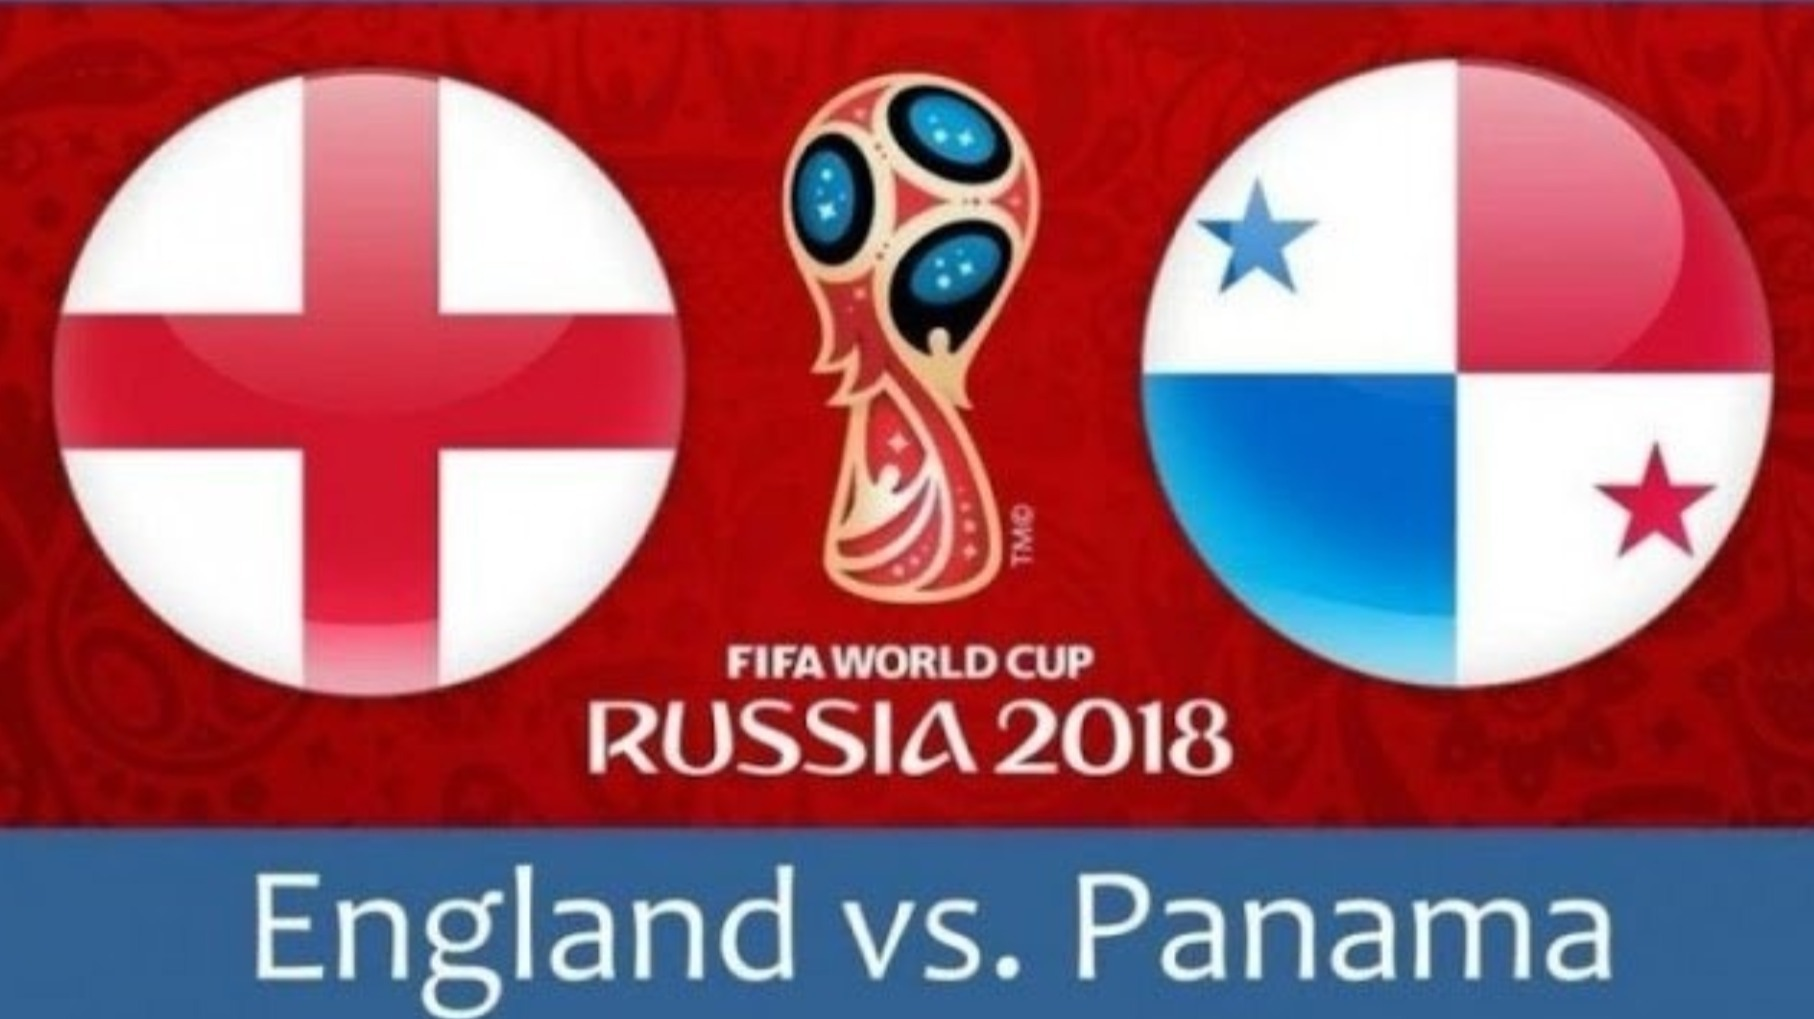 इंगलैंडआ 6-1 आव पनामा खौ फेजेनो